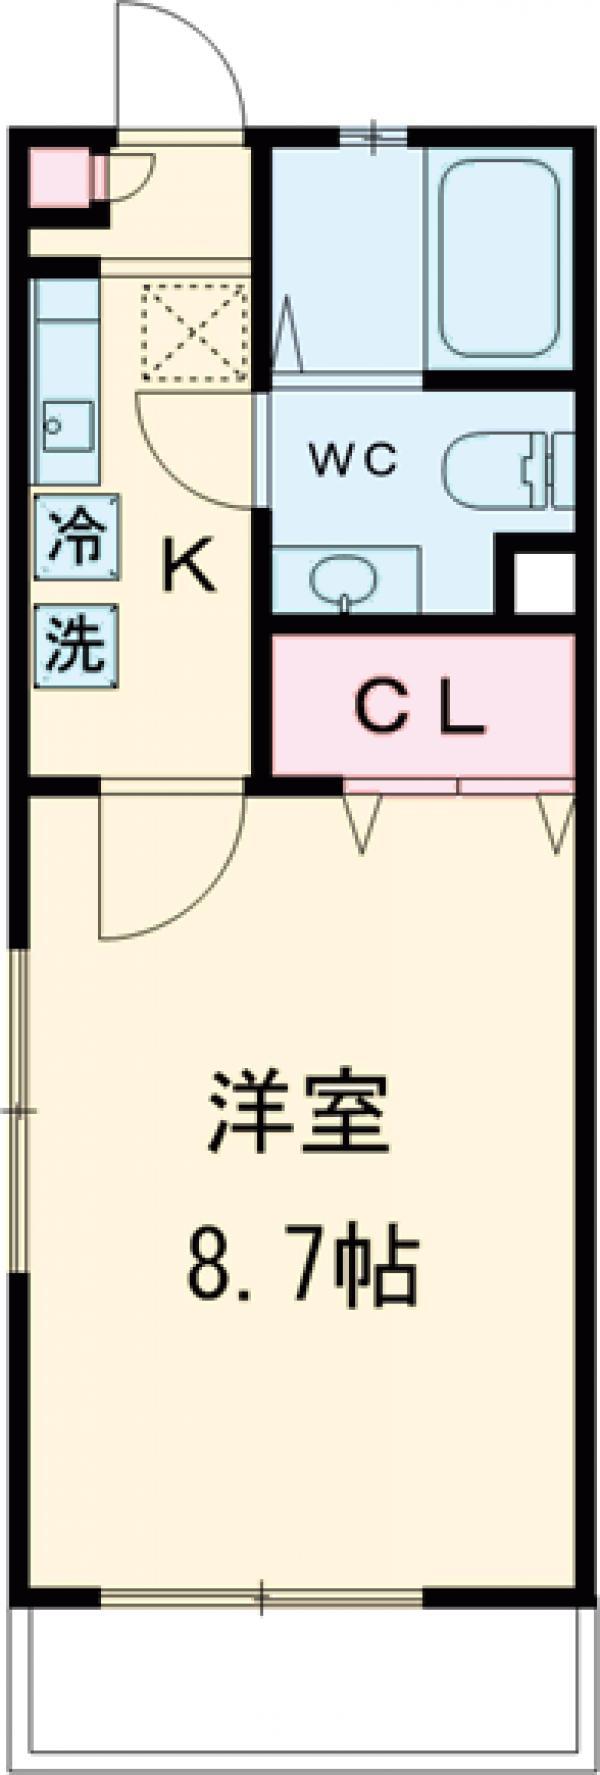 サァラ多摩平・306号室の間取り